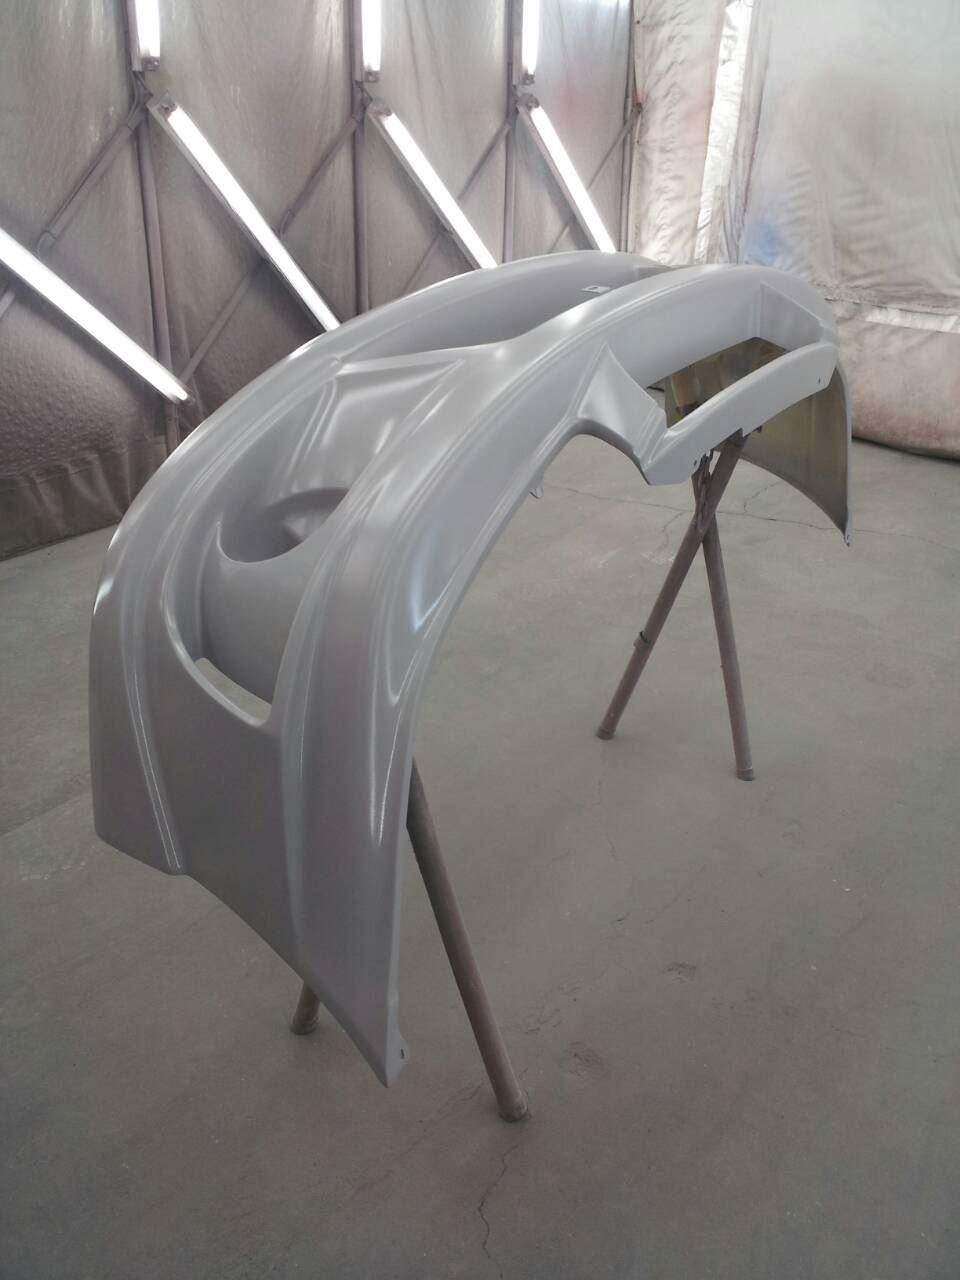 東京都立川市の車の板金塗装修理工場 ガレージローライドのトヨタ スターレットのエアロパーツ 塗装  取付 です。